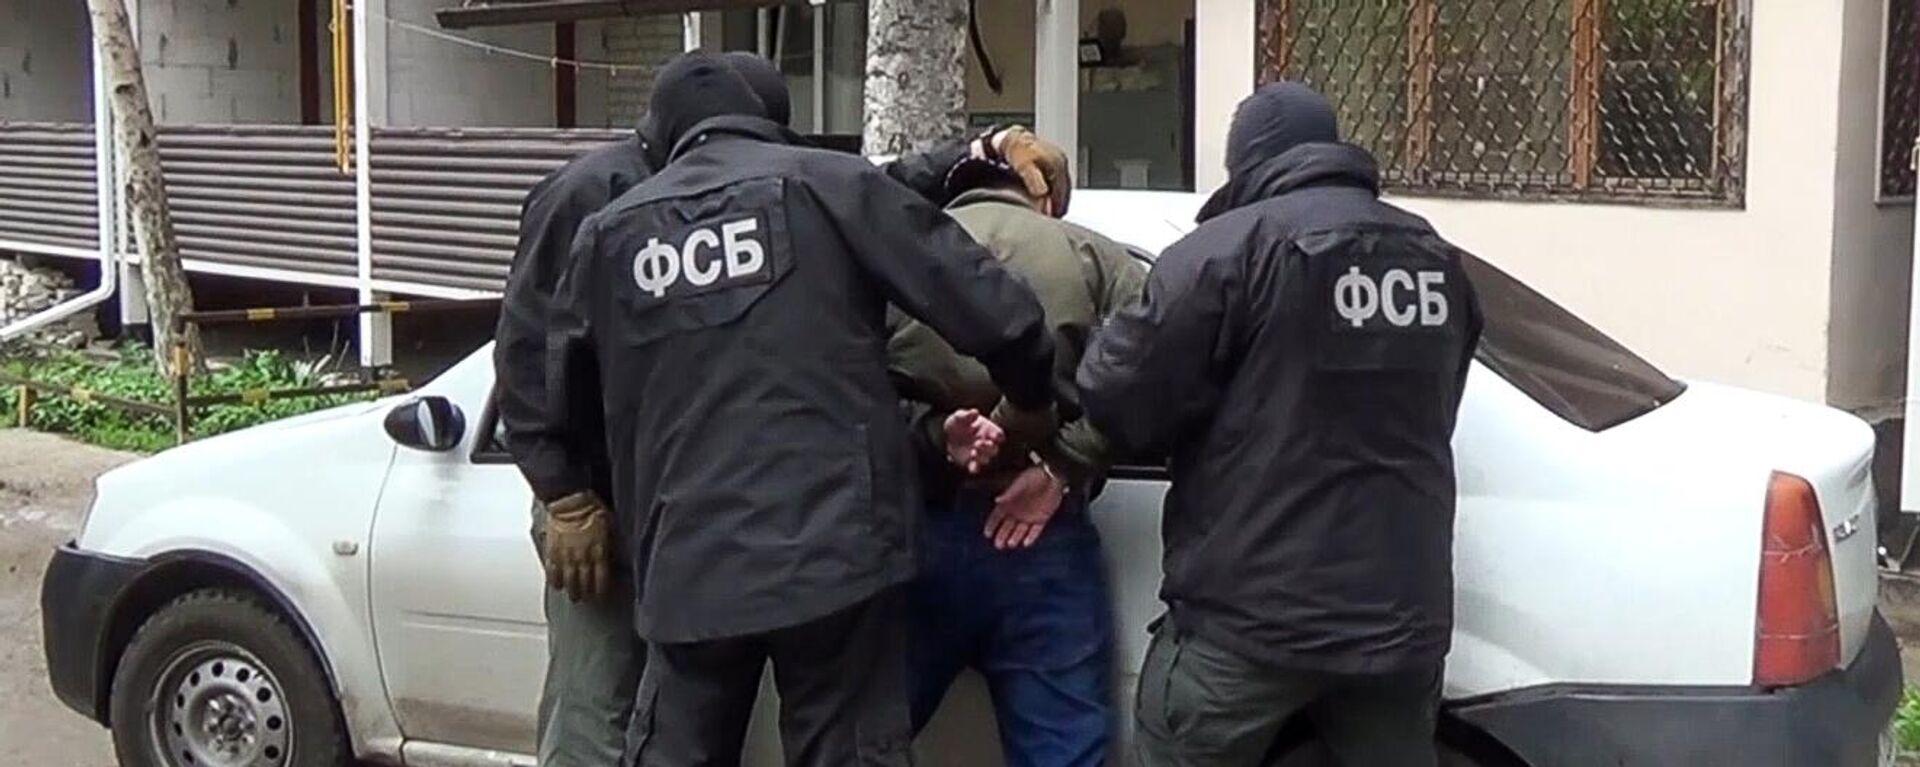 Detención de un ciudadano ruso que planeaba efectuar un ataque terrorista - Sputnik Mundo, 1920, 25.05.2021